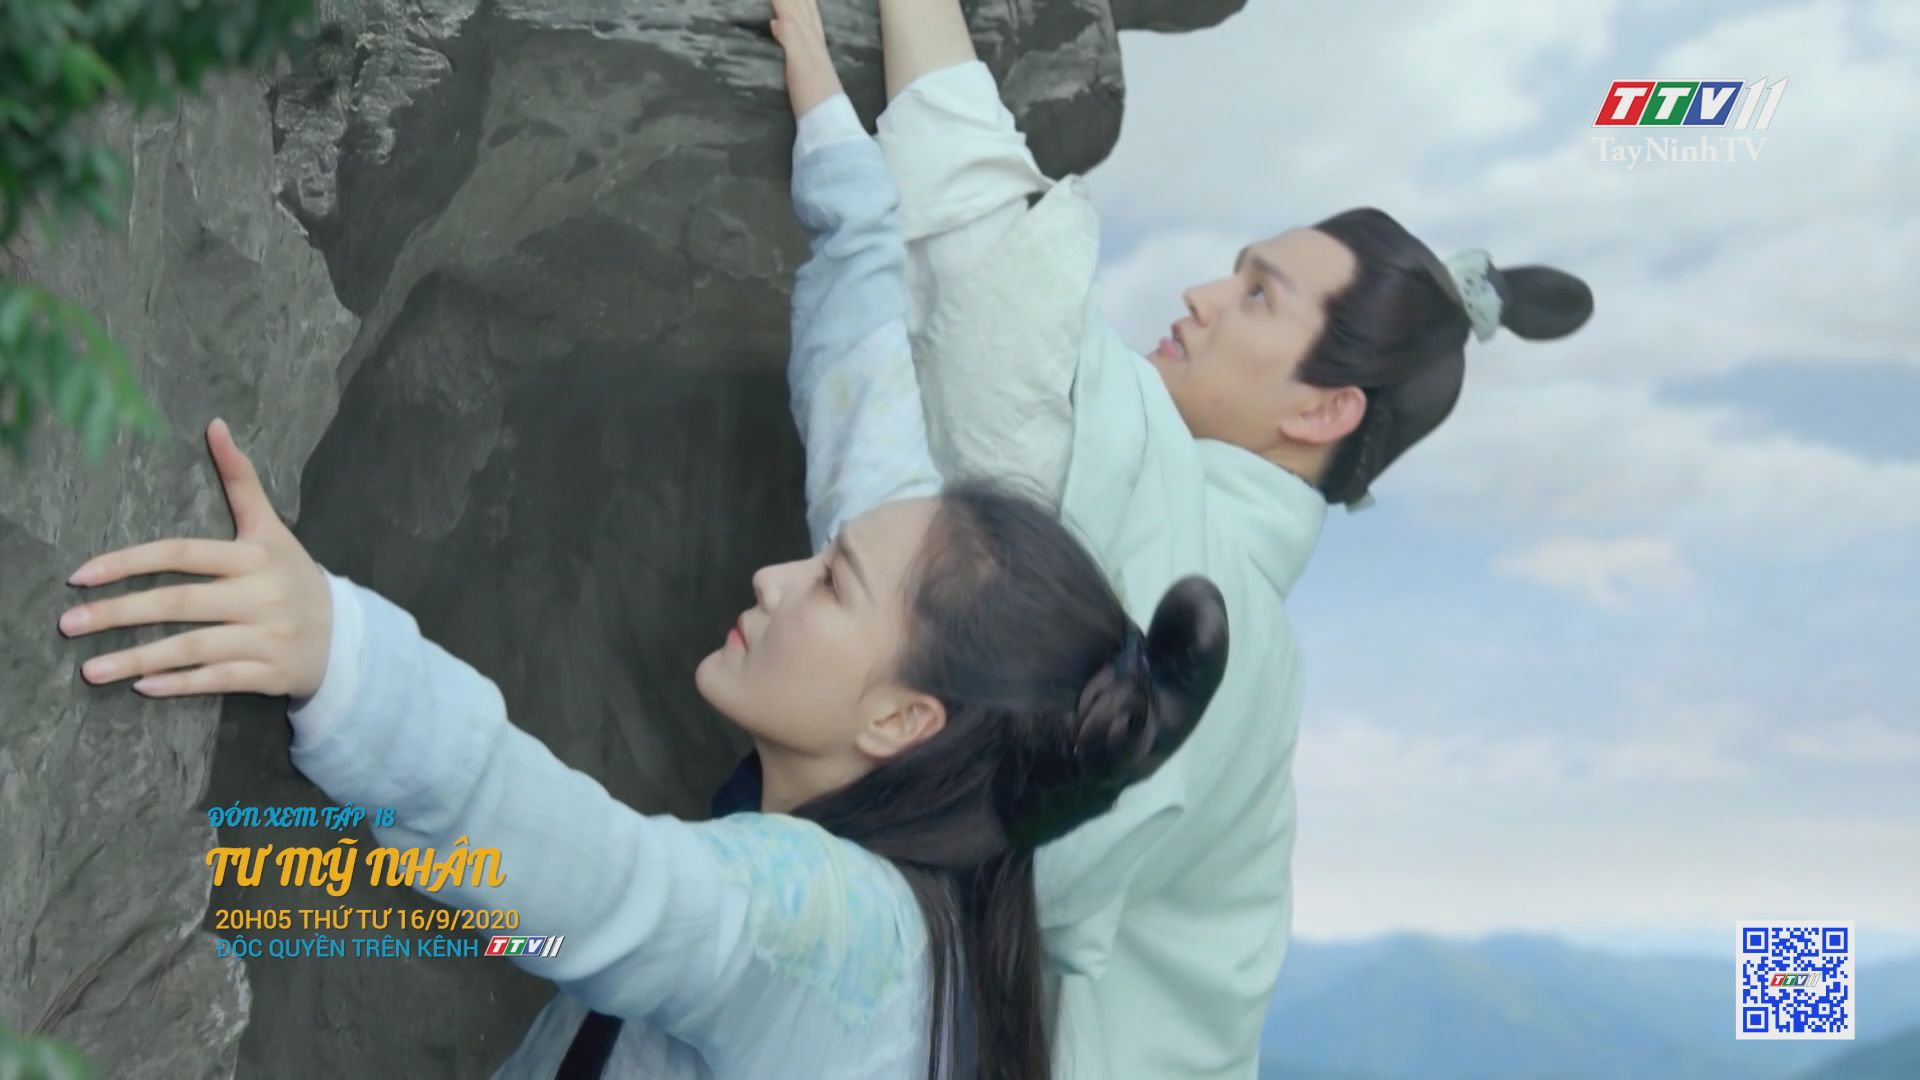 Tư mỹ nhân-TẬP 18 trailer | PHIM TƯ MỸ NHÂN | TayNinhTV